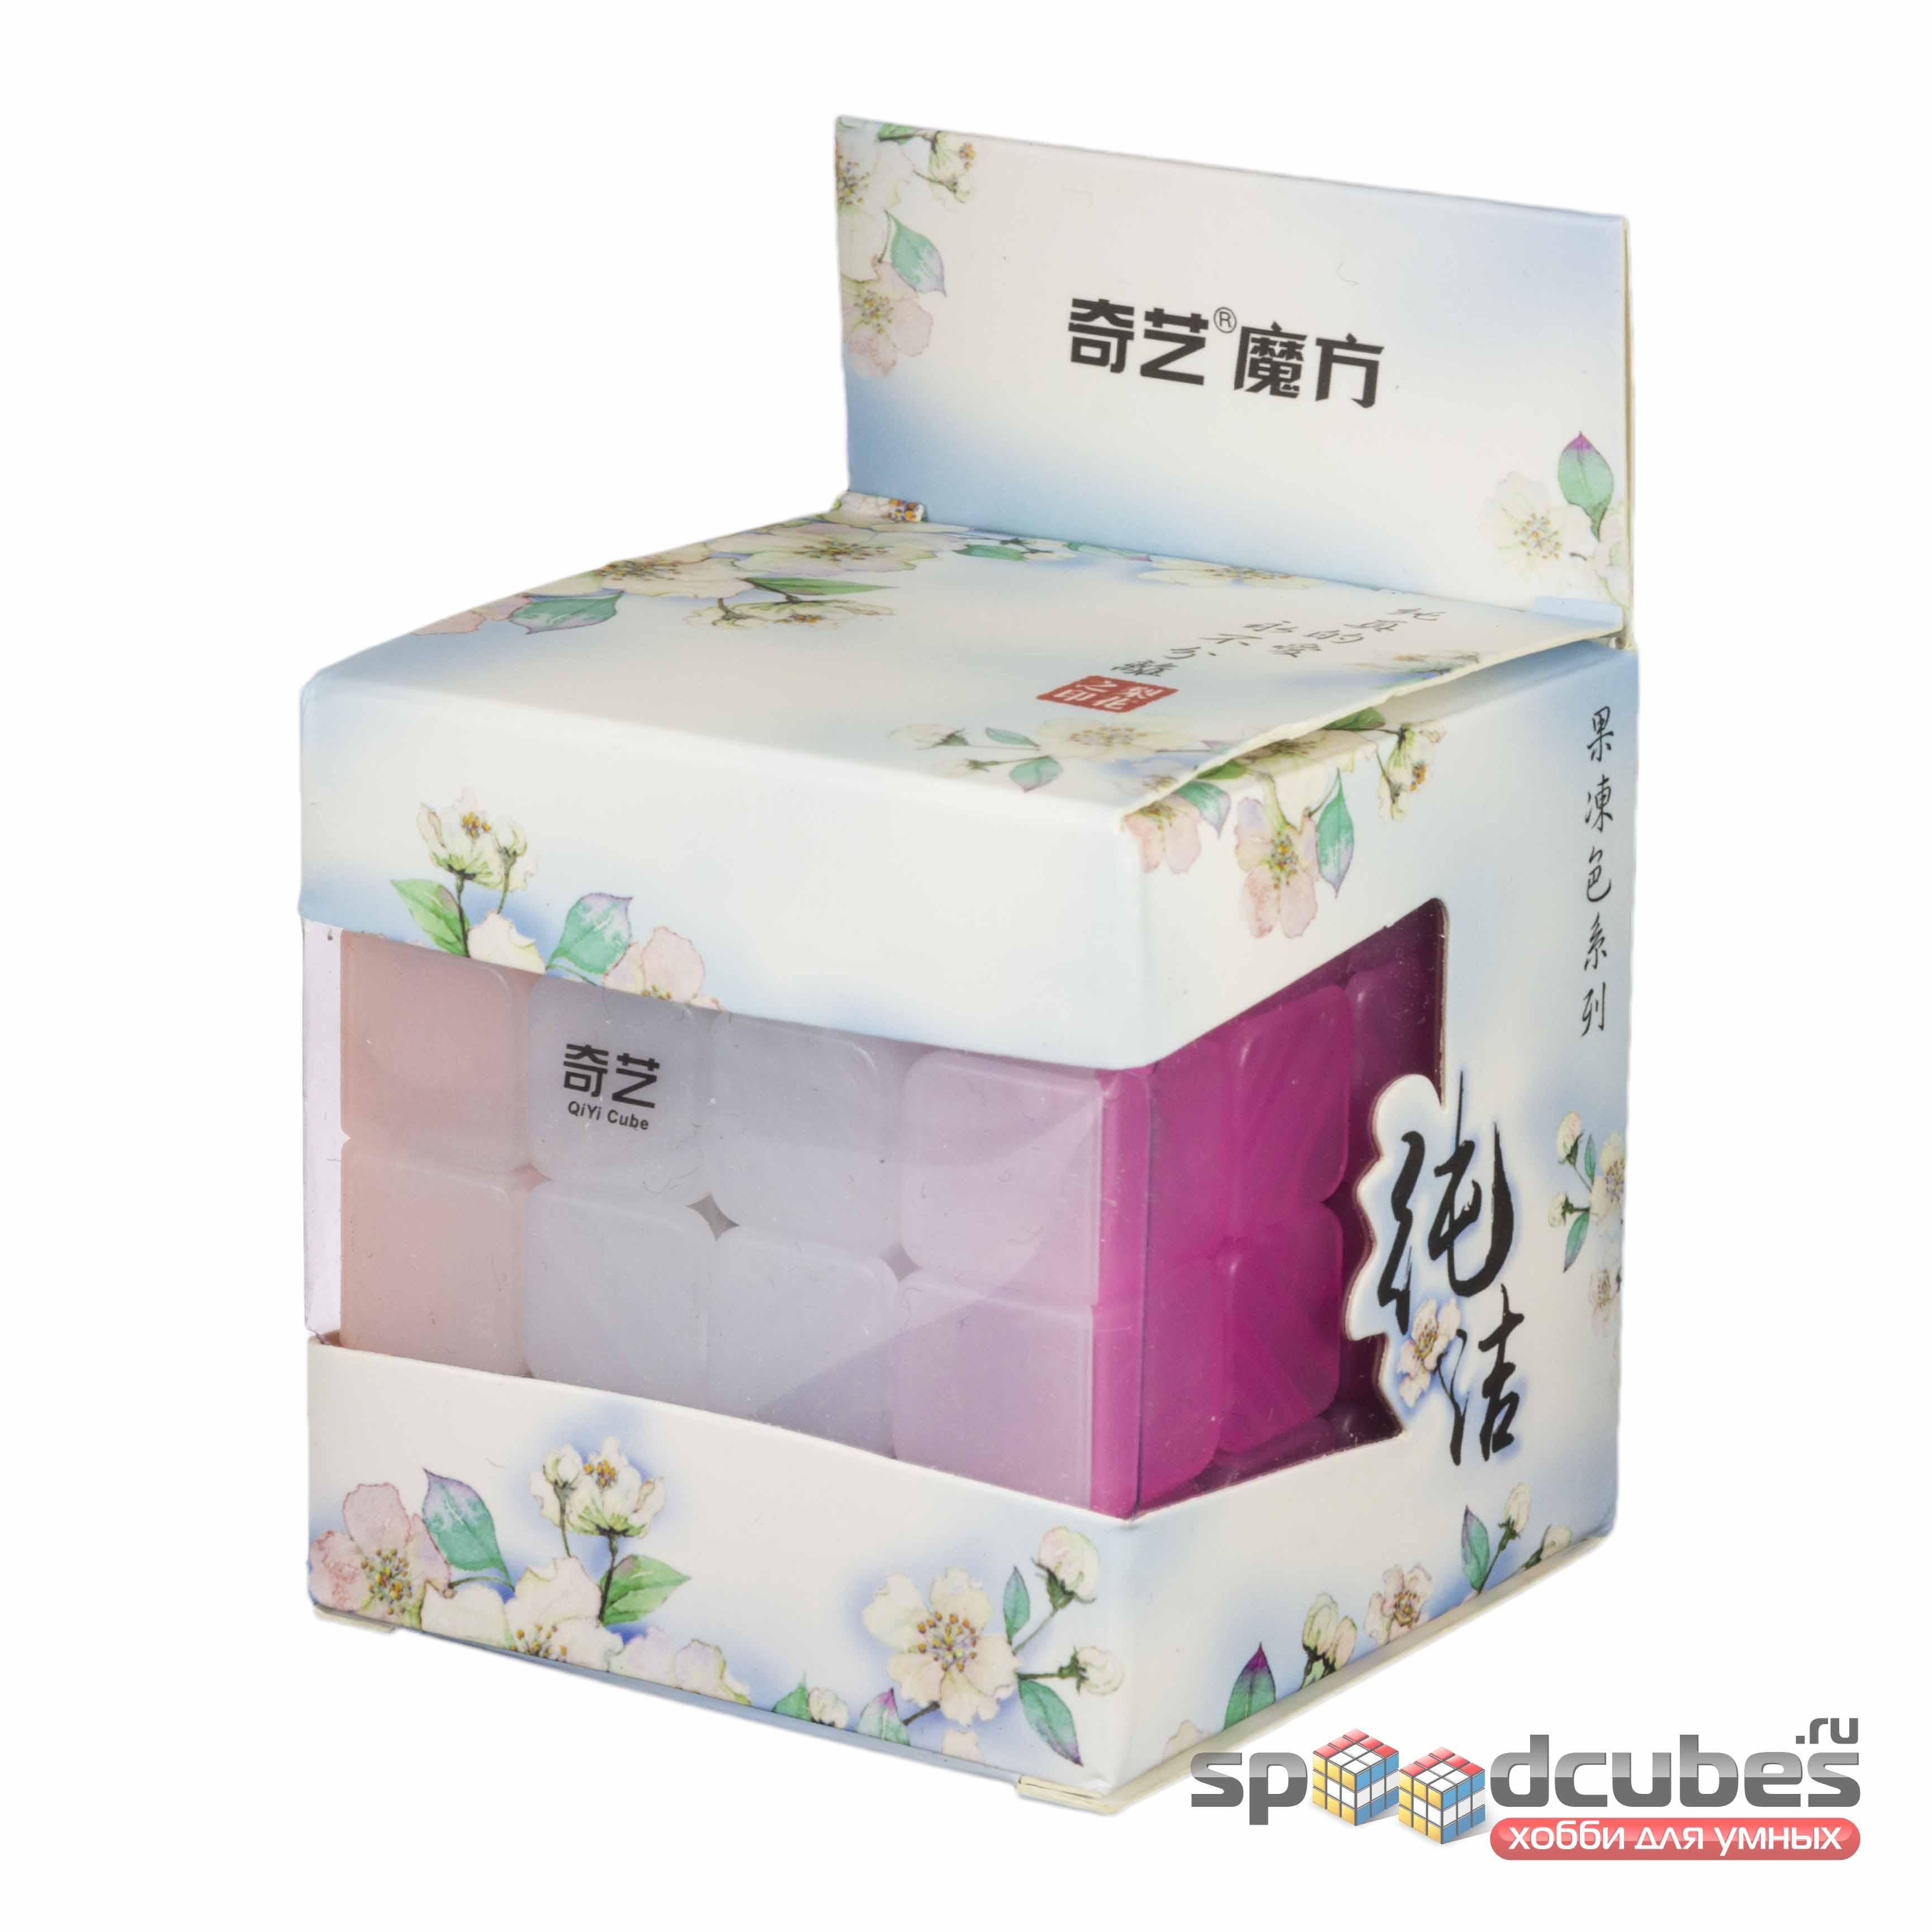 QiYi (MoFangGe) 4x4x4 Jelly Cube 1